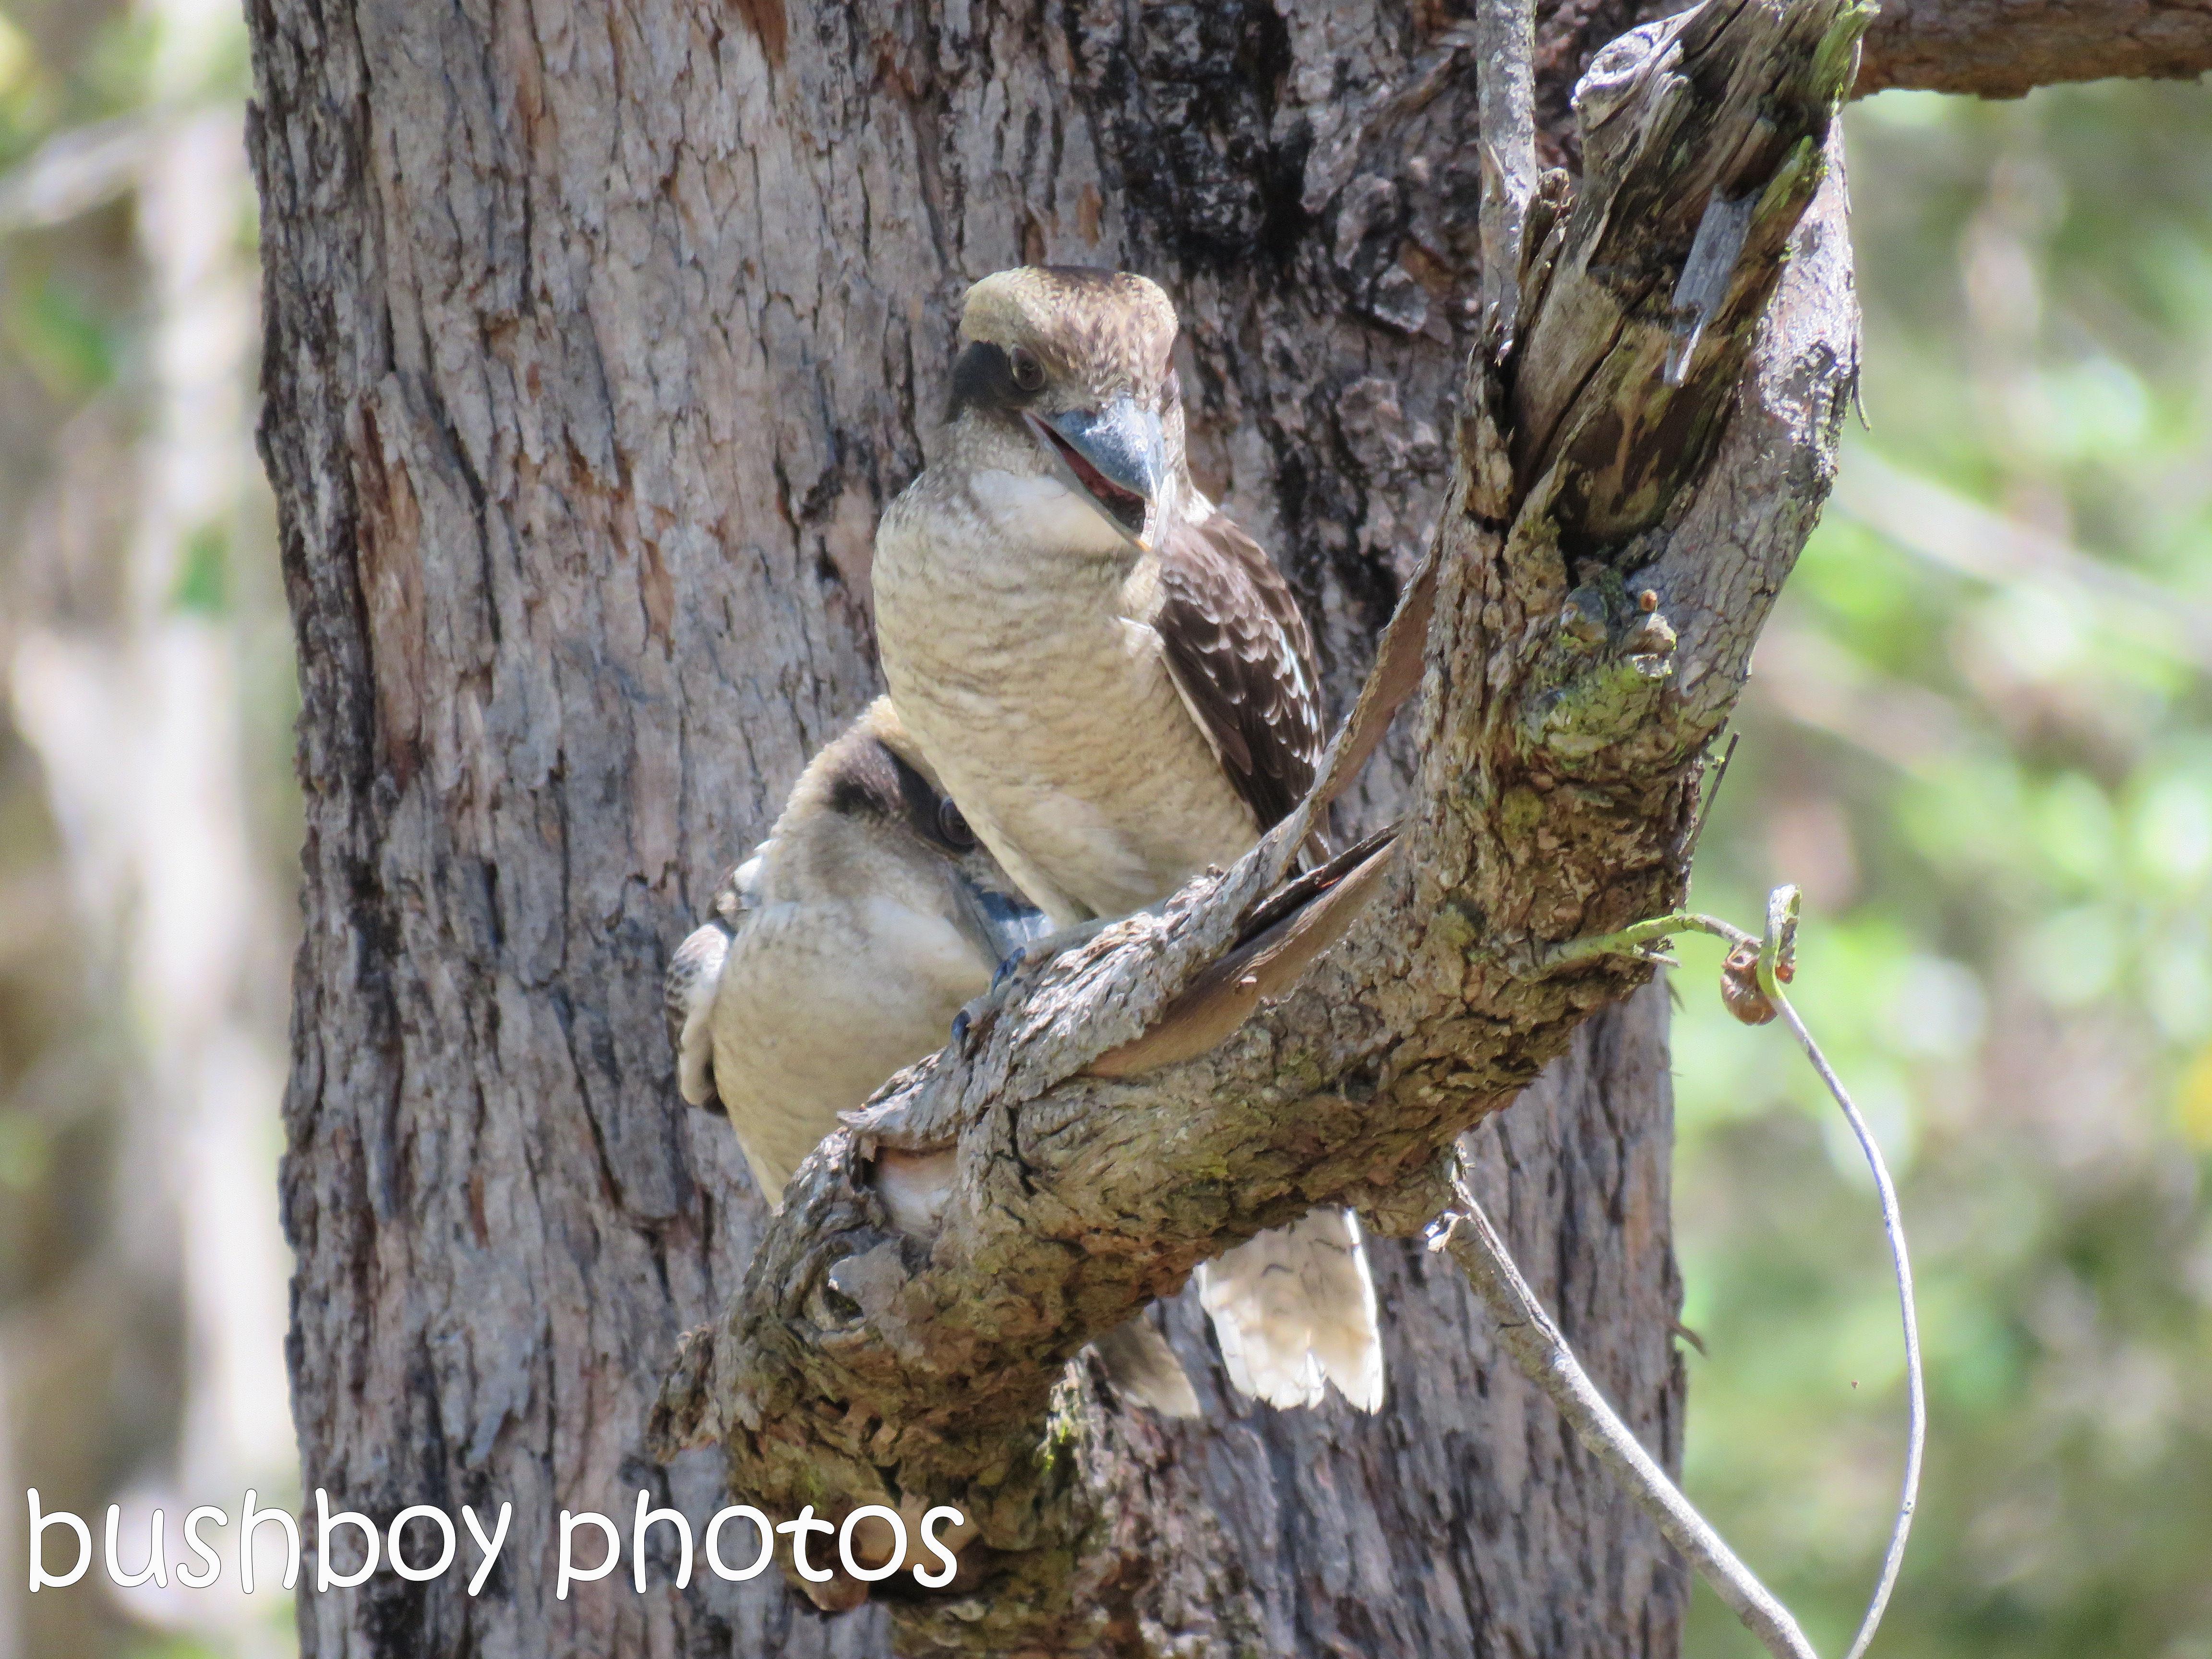 blog_feeding-kookaburra01_home_jan-2017